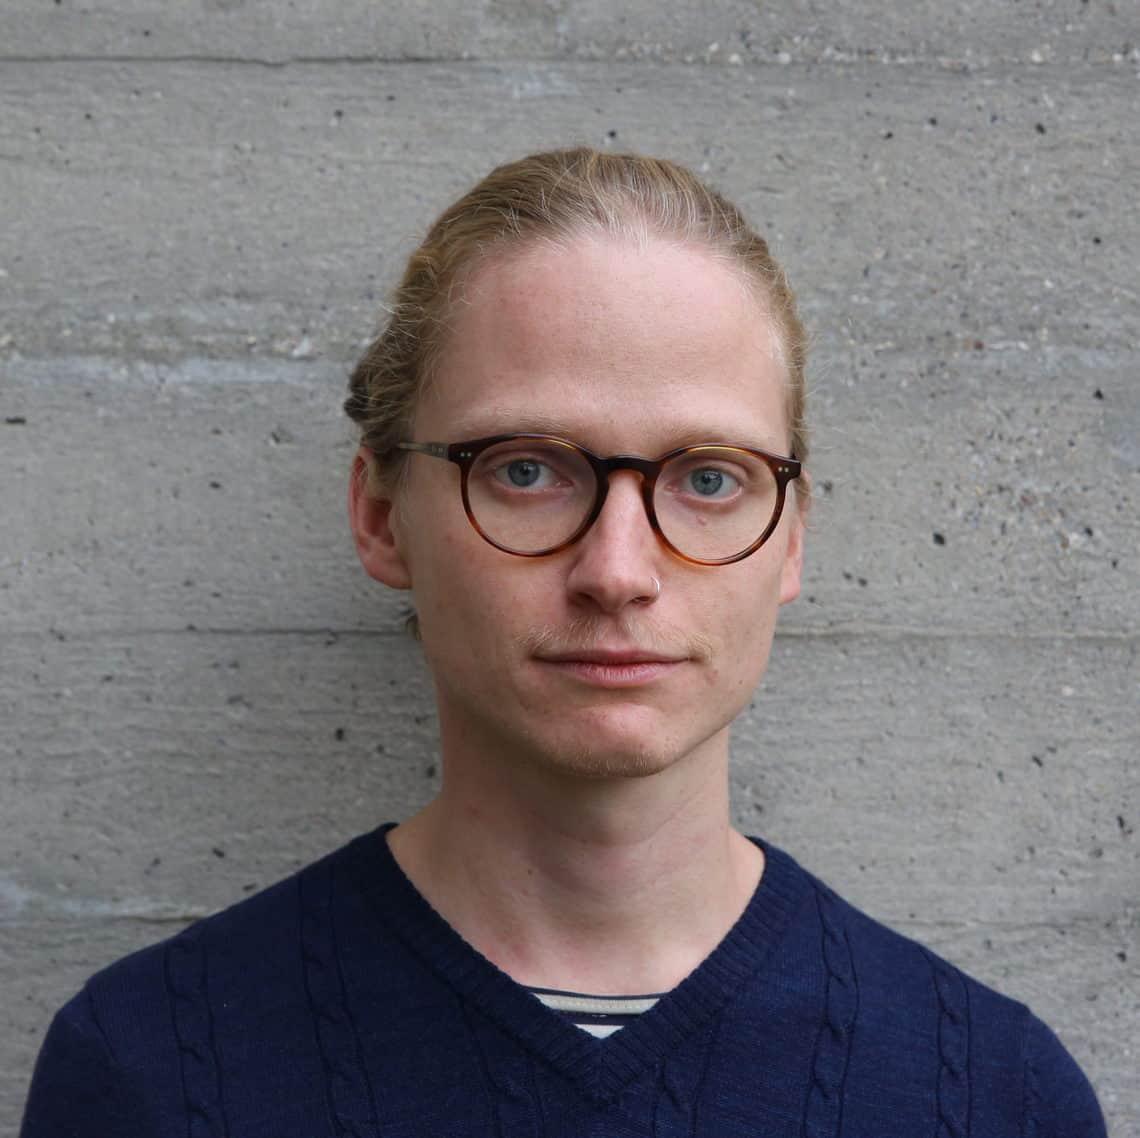 Valentin Kilchmann (*1990)